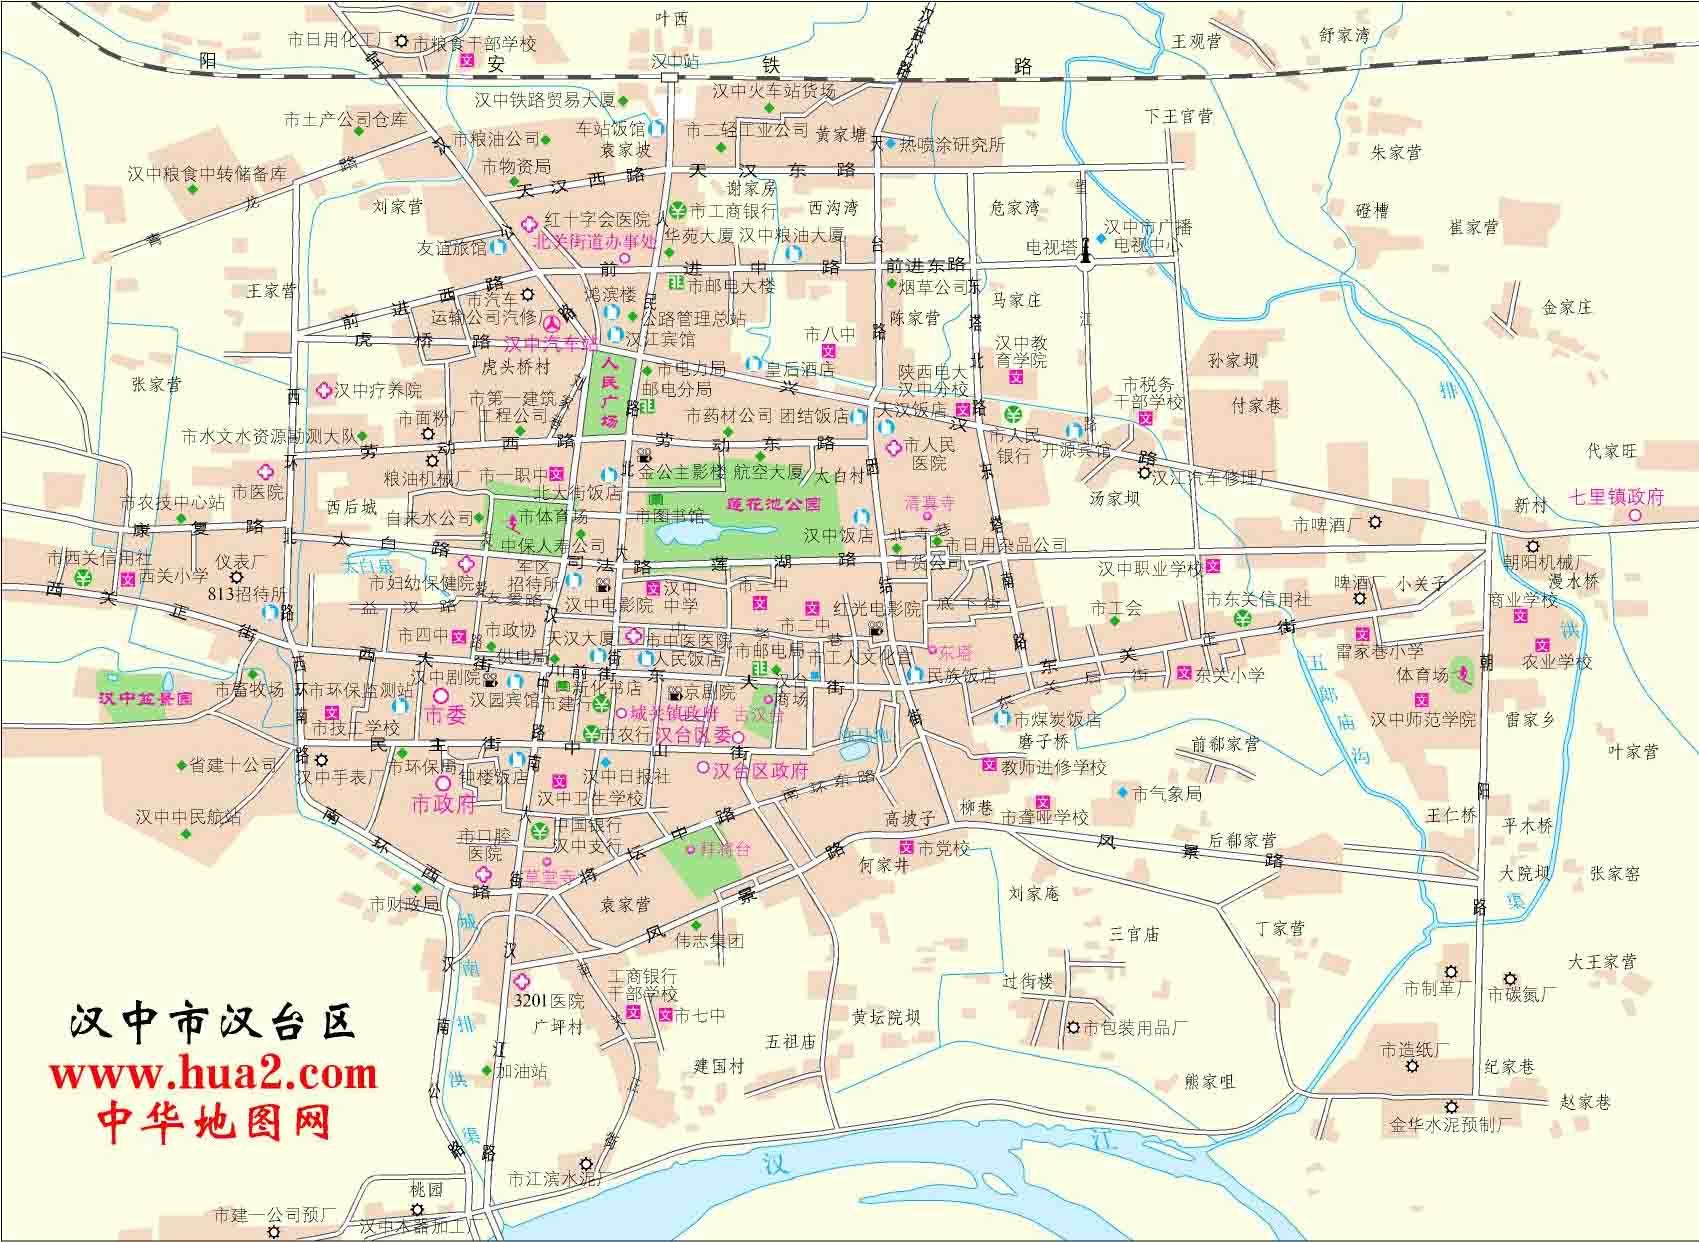 汉中市城区地图